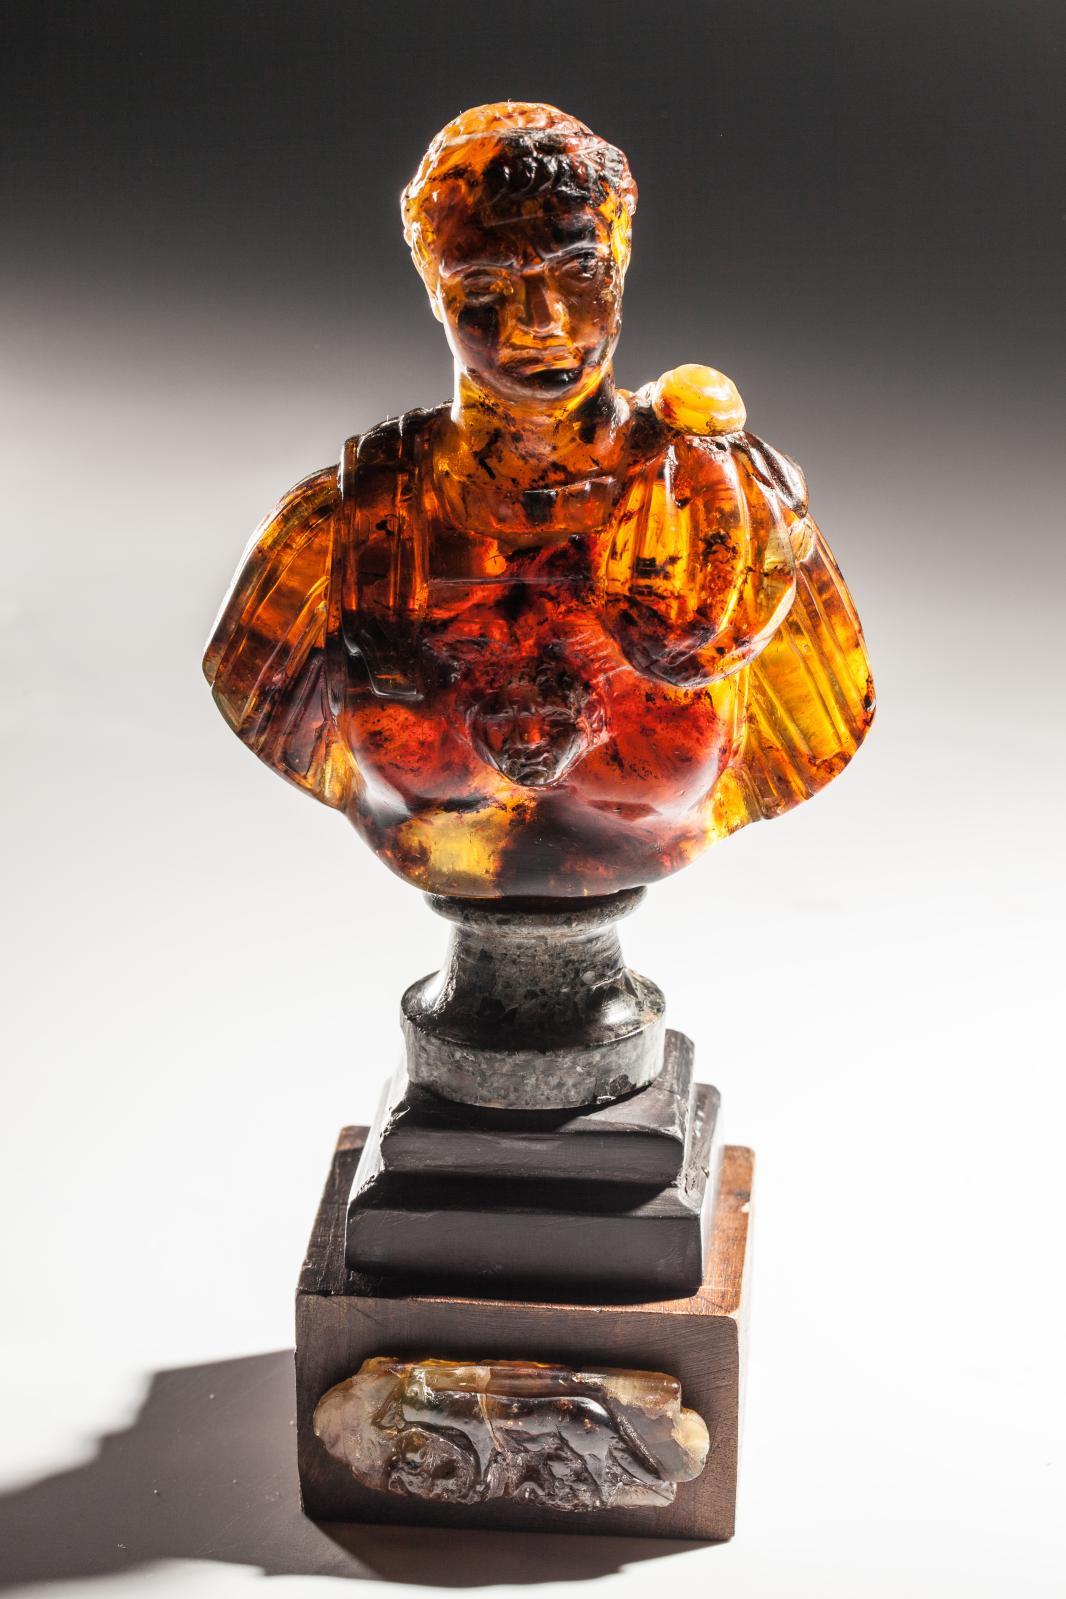 22752€ Italie, XVIIIe-XIXesiècle. Buste d'empereur sculpté dans un bloc d'ambre, sur un socle à double évolution orné de la louve romaine en ambre